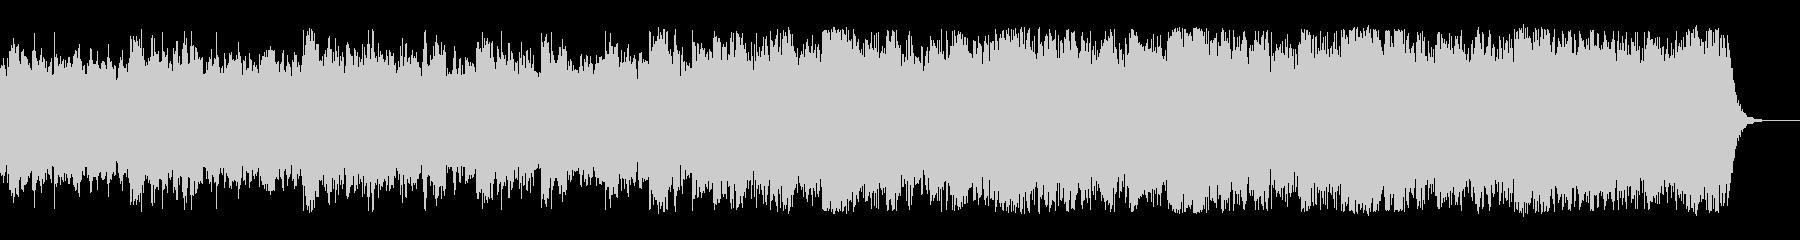 メロウなピアノベースのインストの未再生の波形